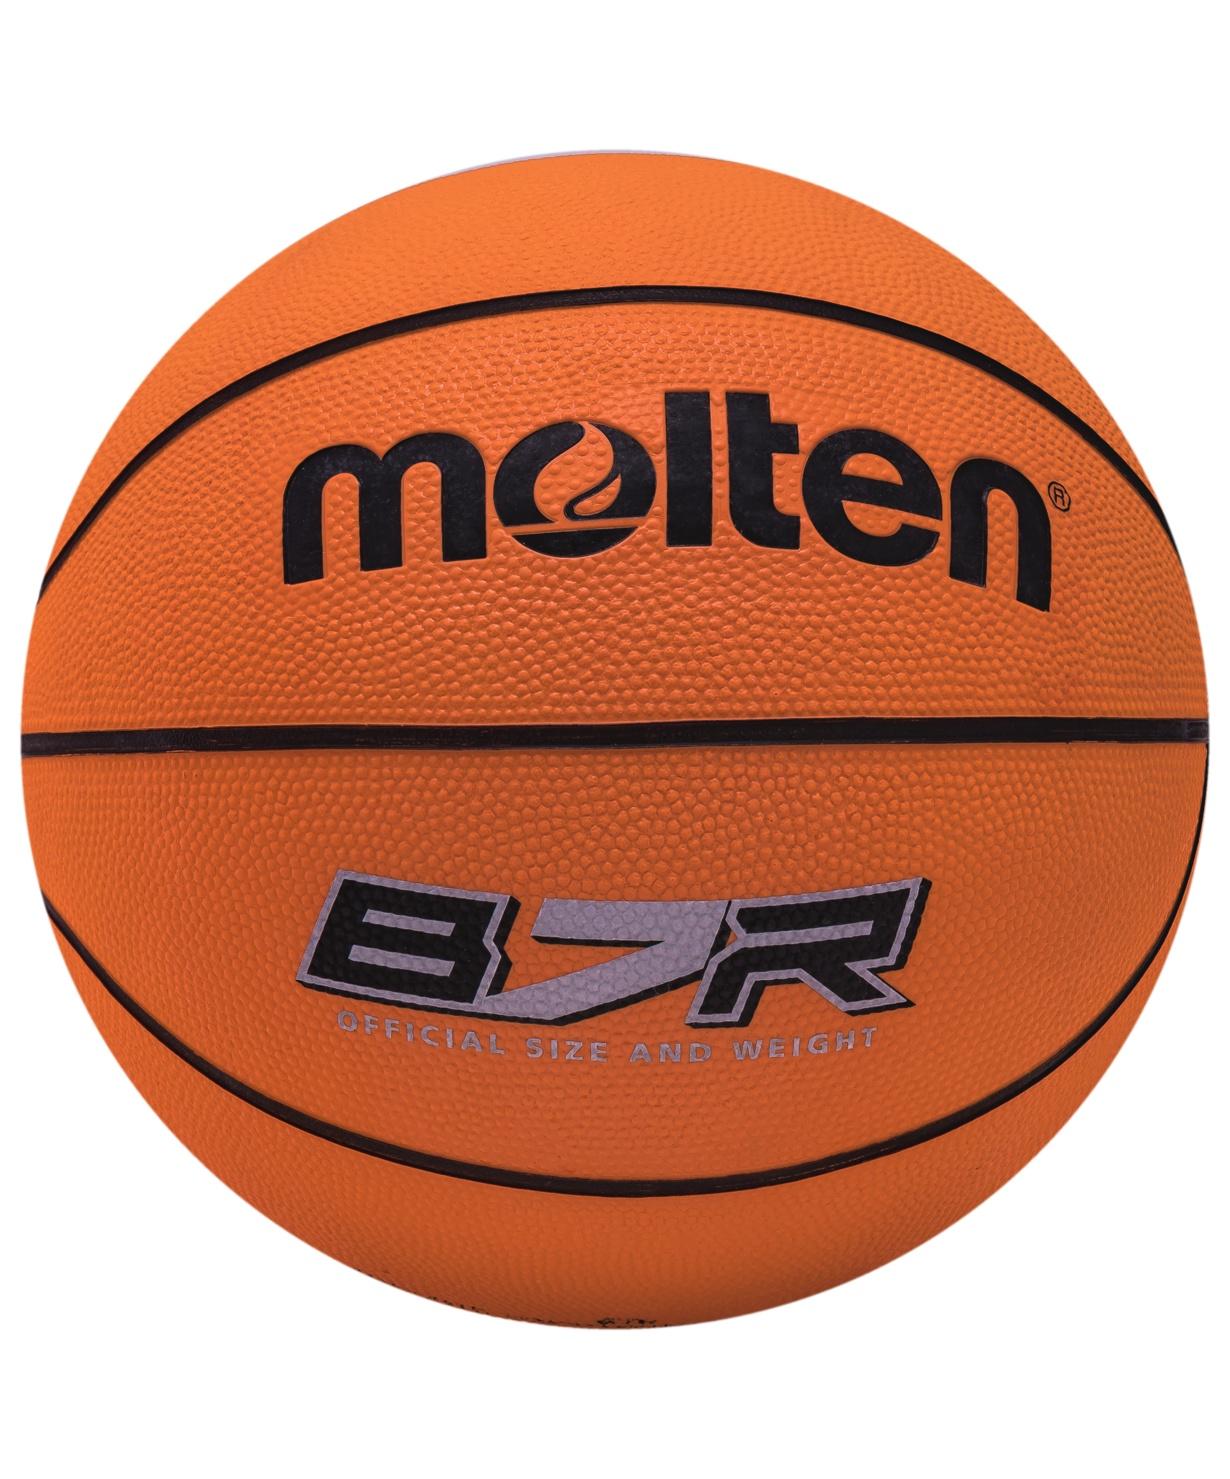 Мяч баскетбольный Molten B7R, Размер 7 цена